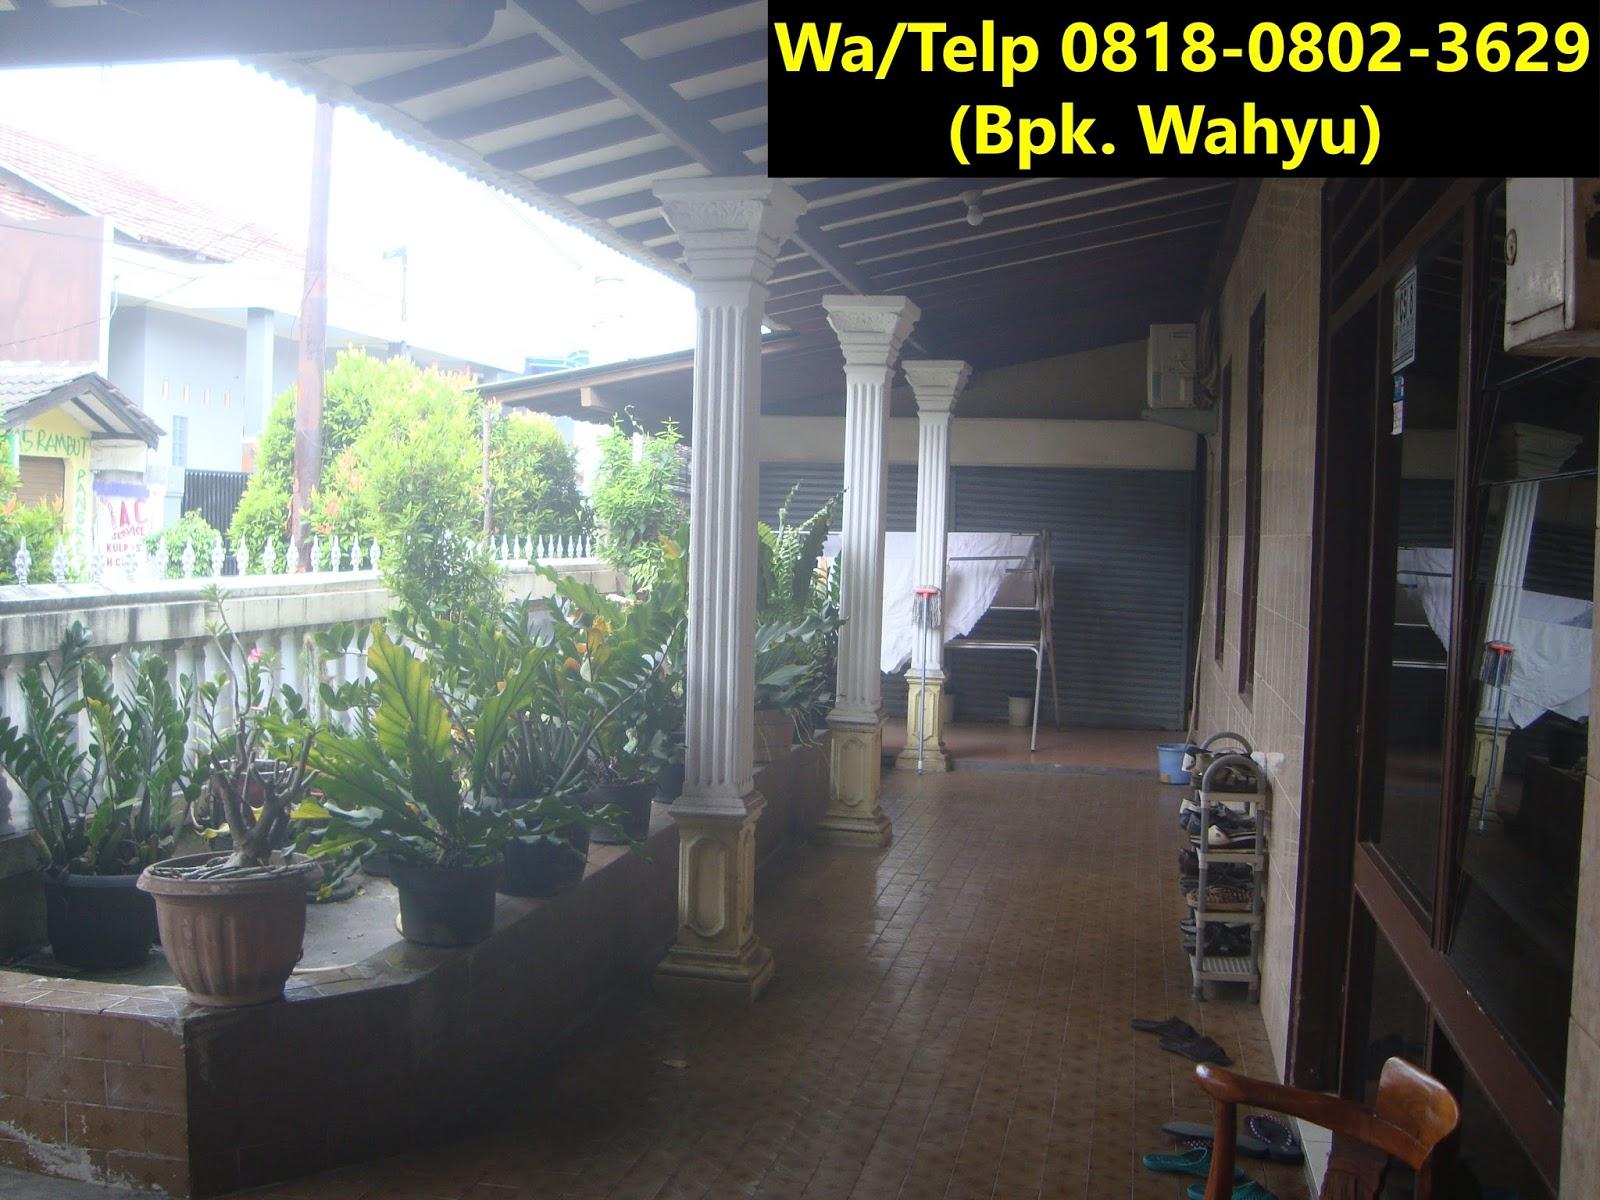 Wa Telp 0818 0802 3629 Jual Rumah Bekasi Jaya Indah Jual Beli